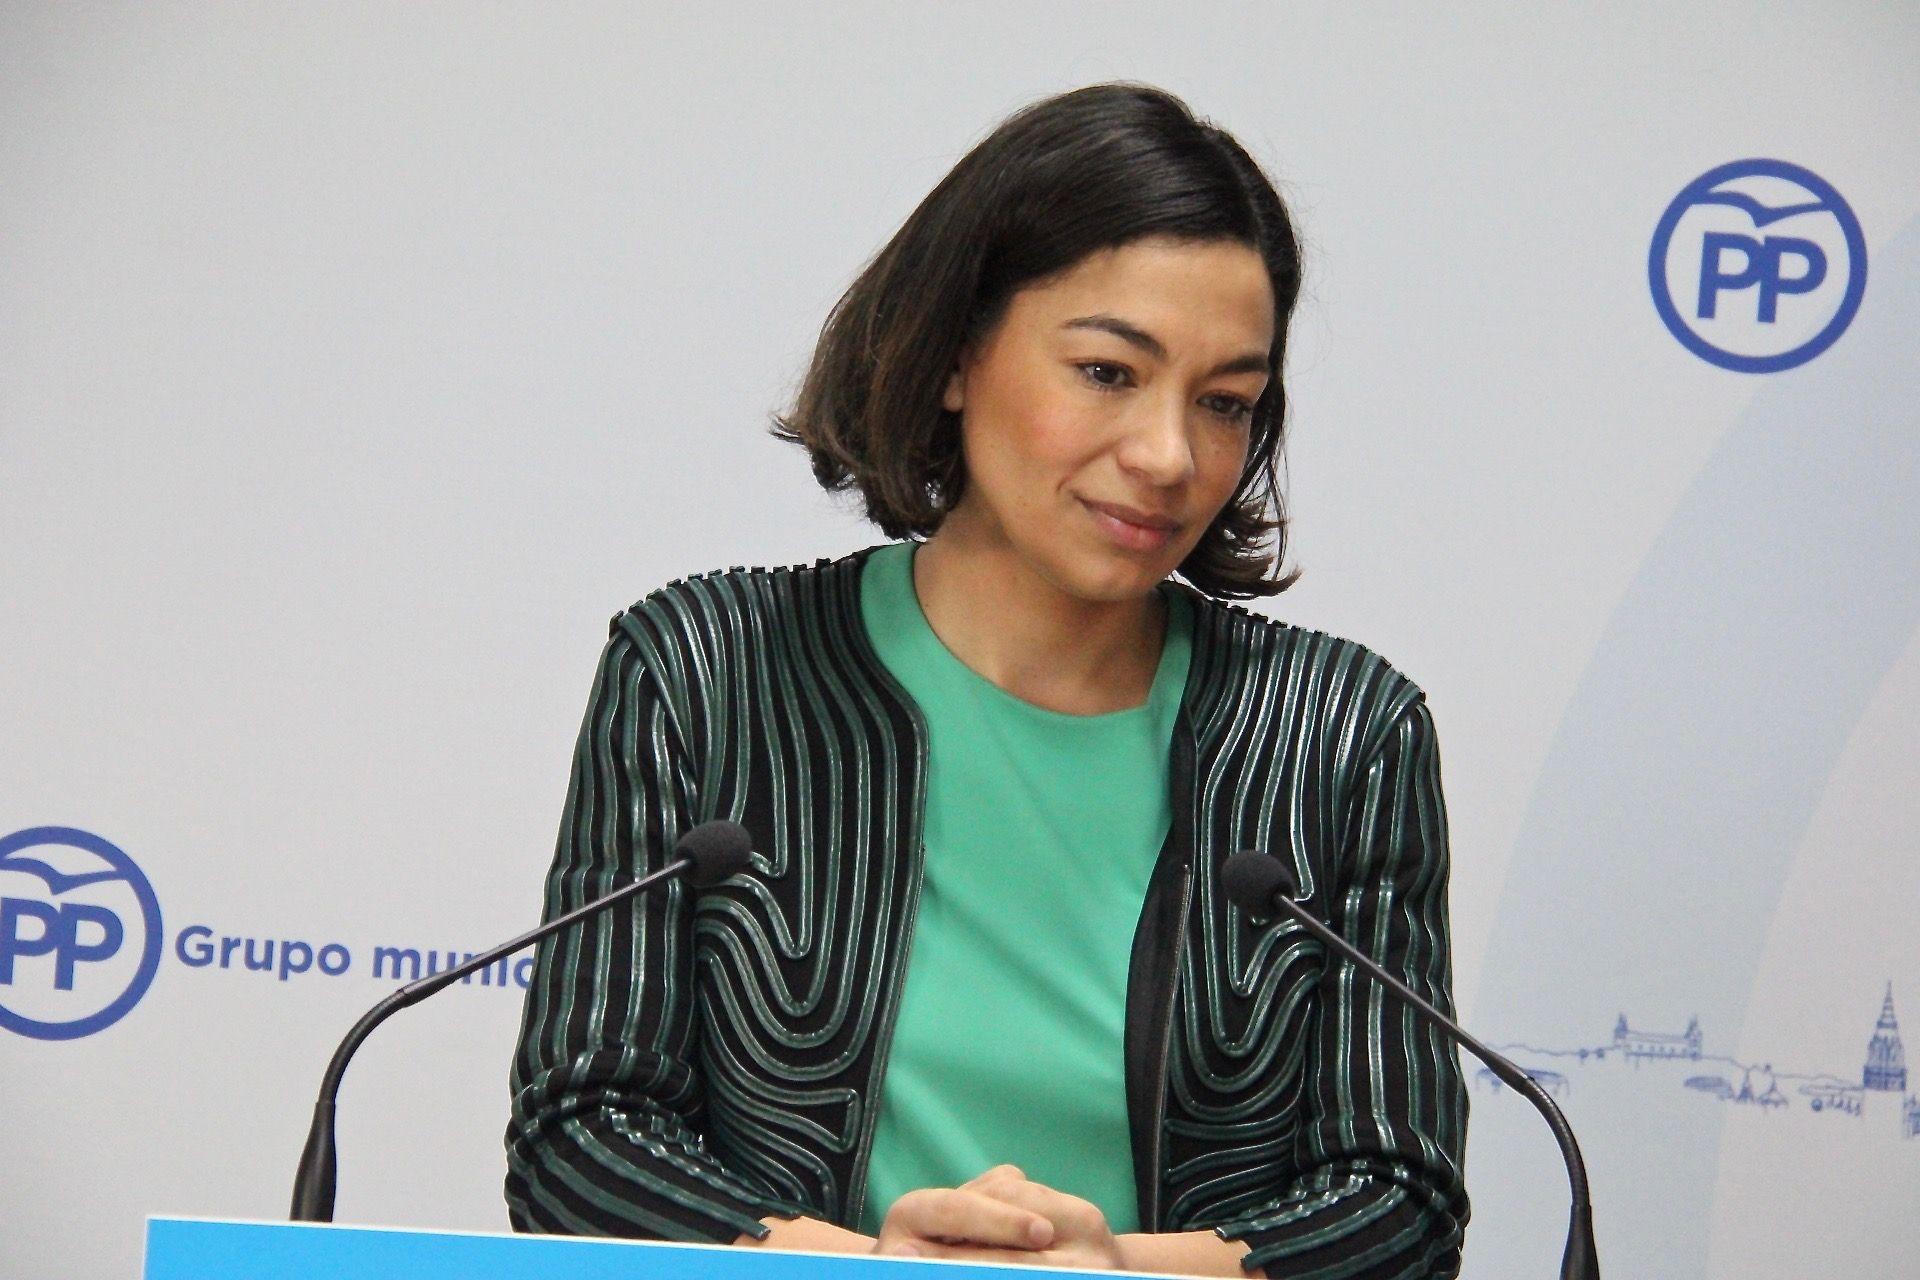 El PP presentará una moción para garantizar el uso sociosanitario público del edificio del Virgen de la Salud